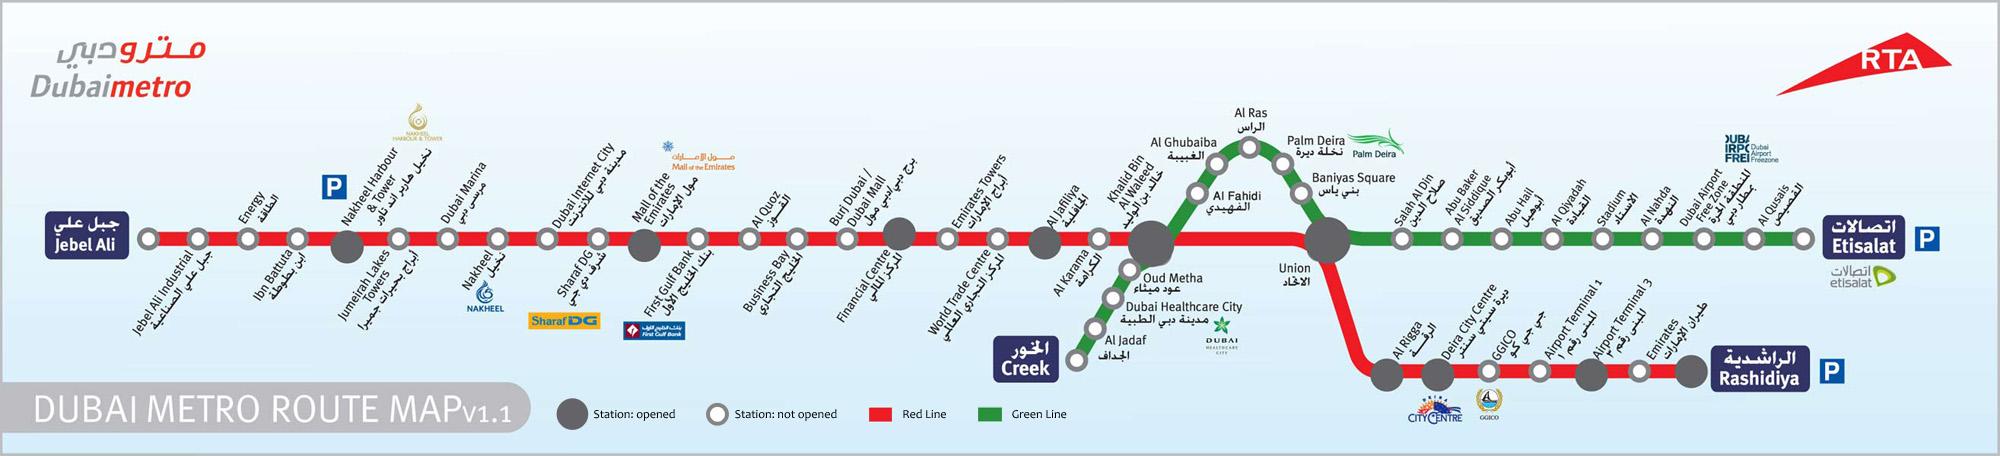 ドバイメトロ路線図